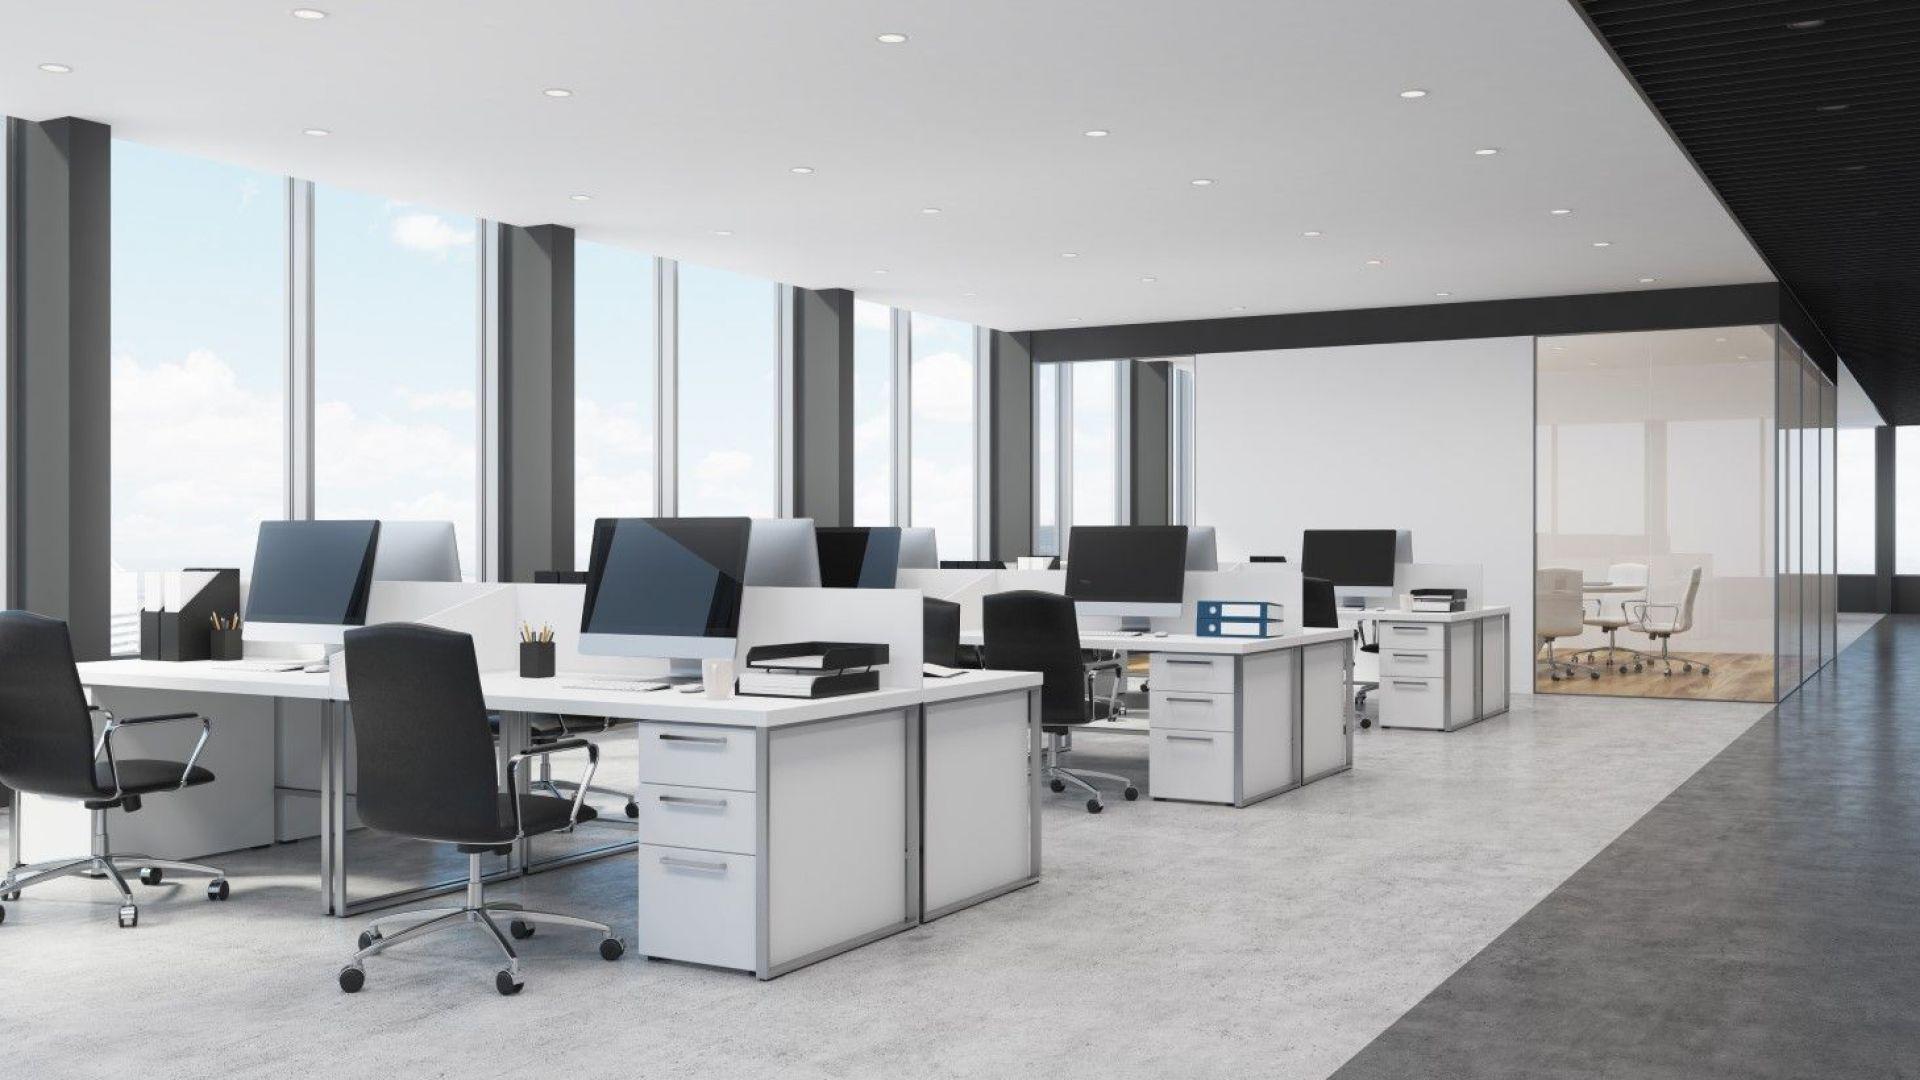 Наемите на първокласни офиси в София достигнаха 14 евро на м2